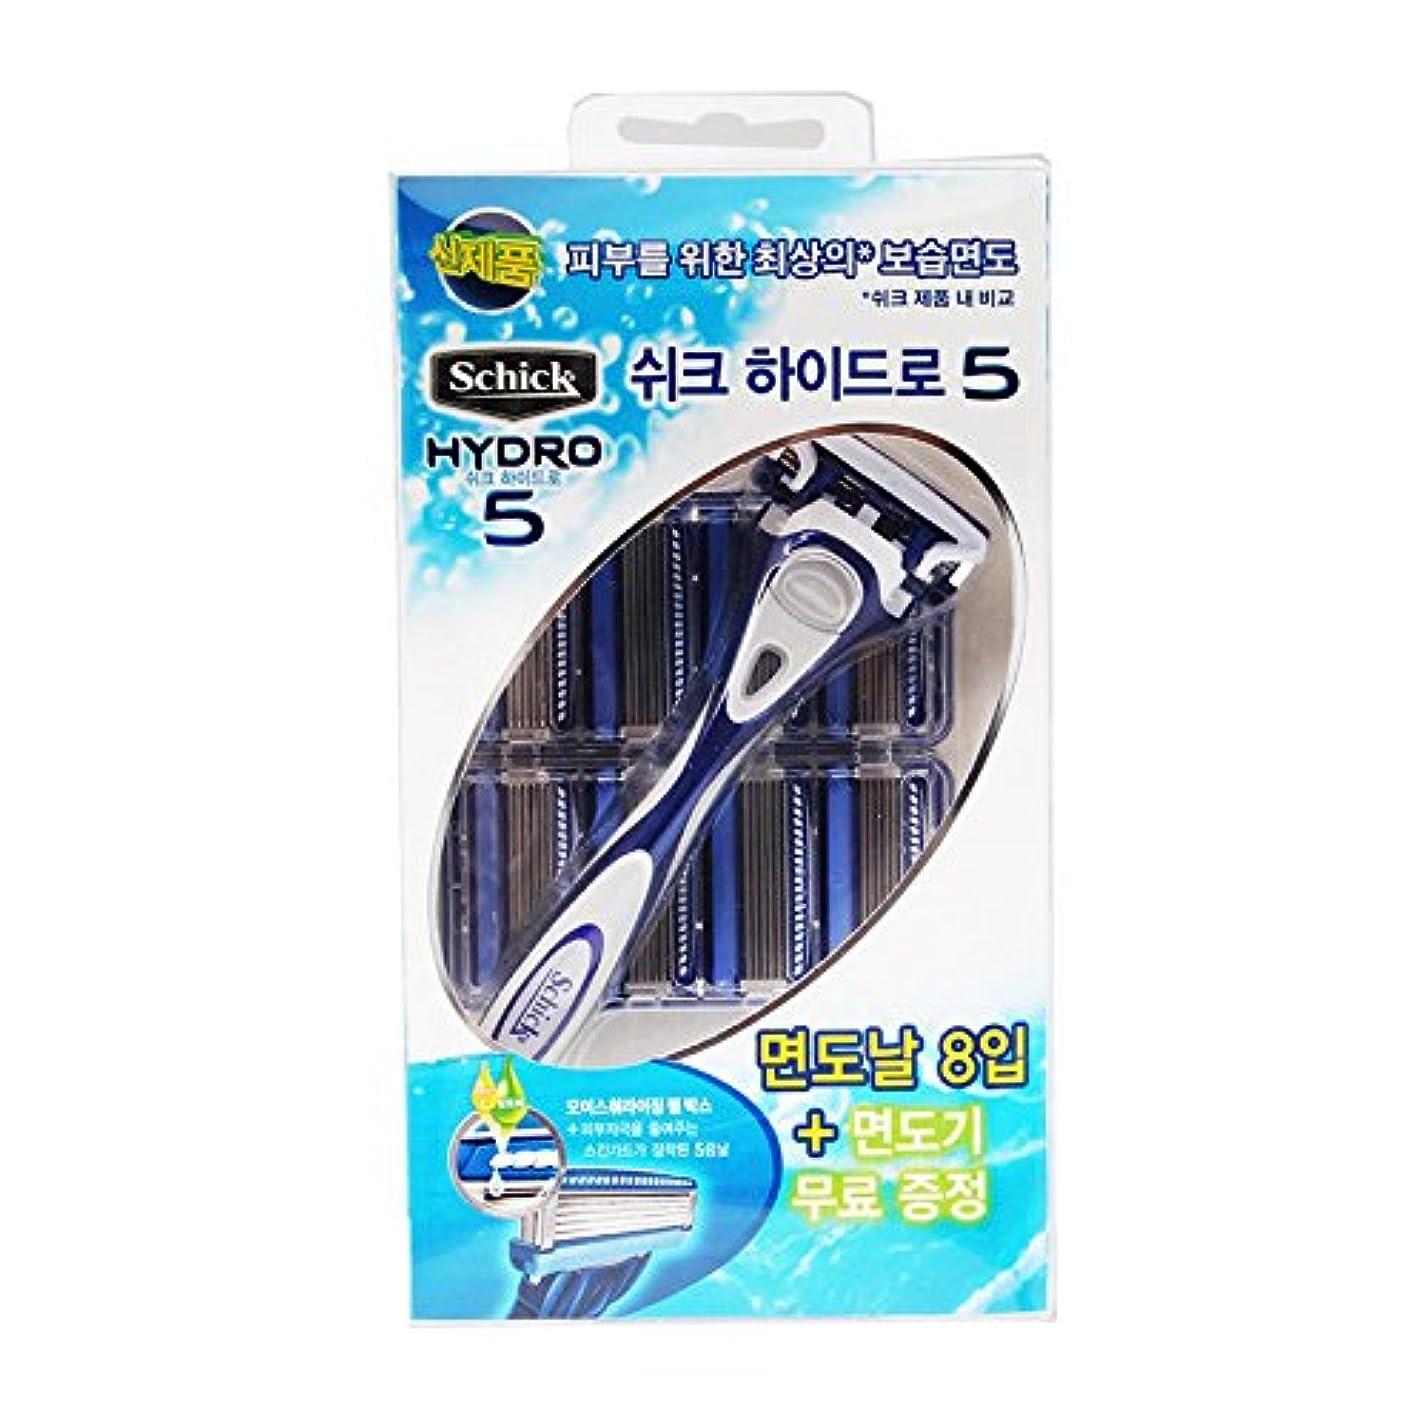 母哲学博士ガスSchick Hydro 5 Shaving 1 Razor with 8 カートリッジ [並行輸入品]